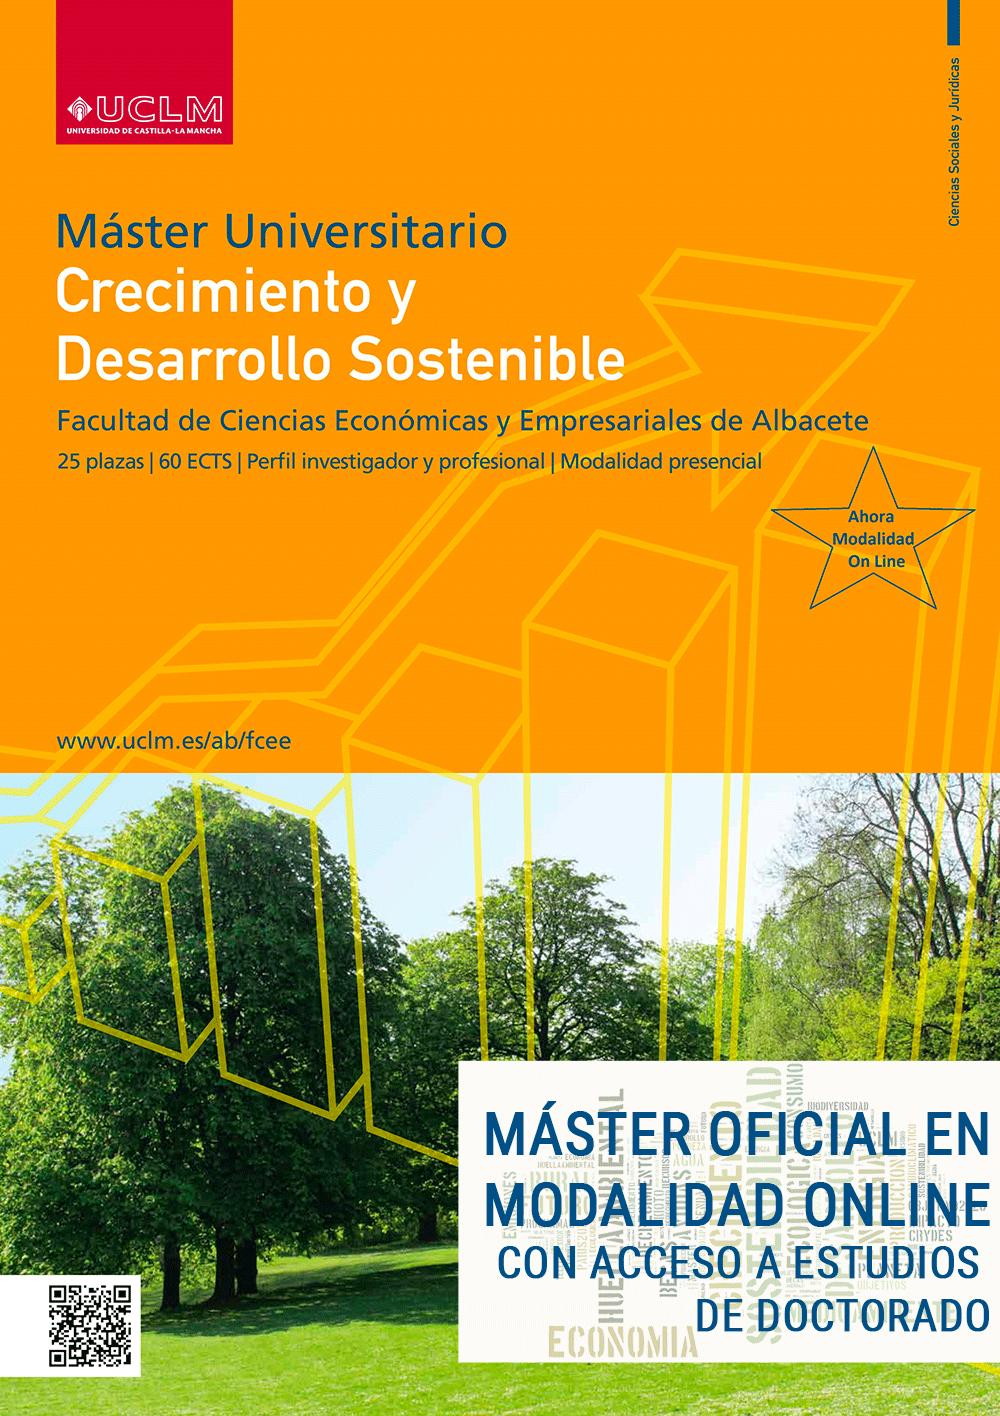 Preinscripción Máster Universitario en Crecimiento y Desarrollo Sostenible de la UCLM